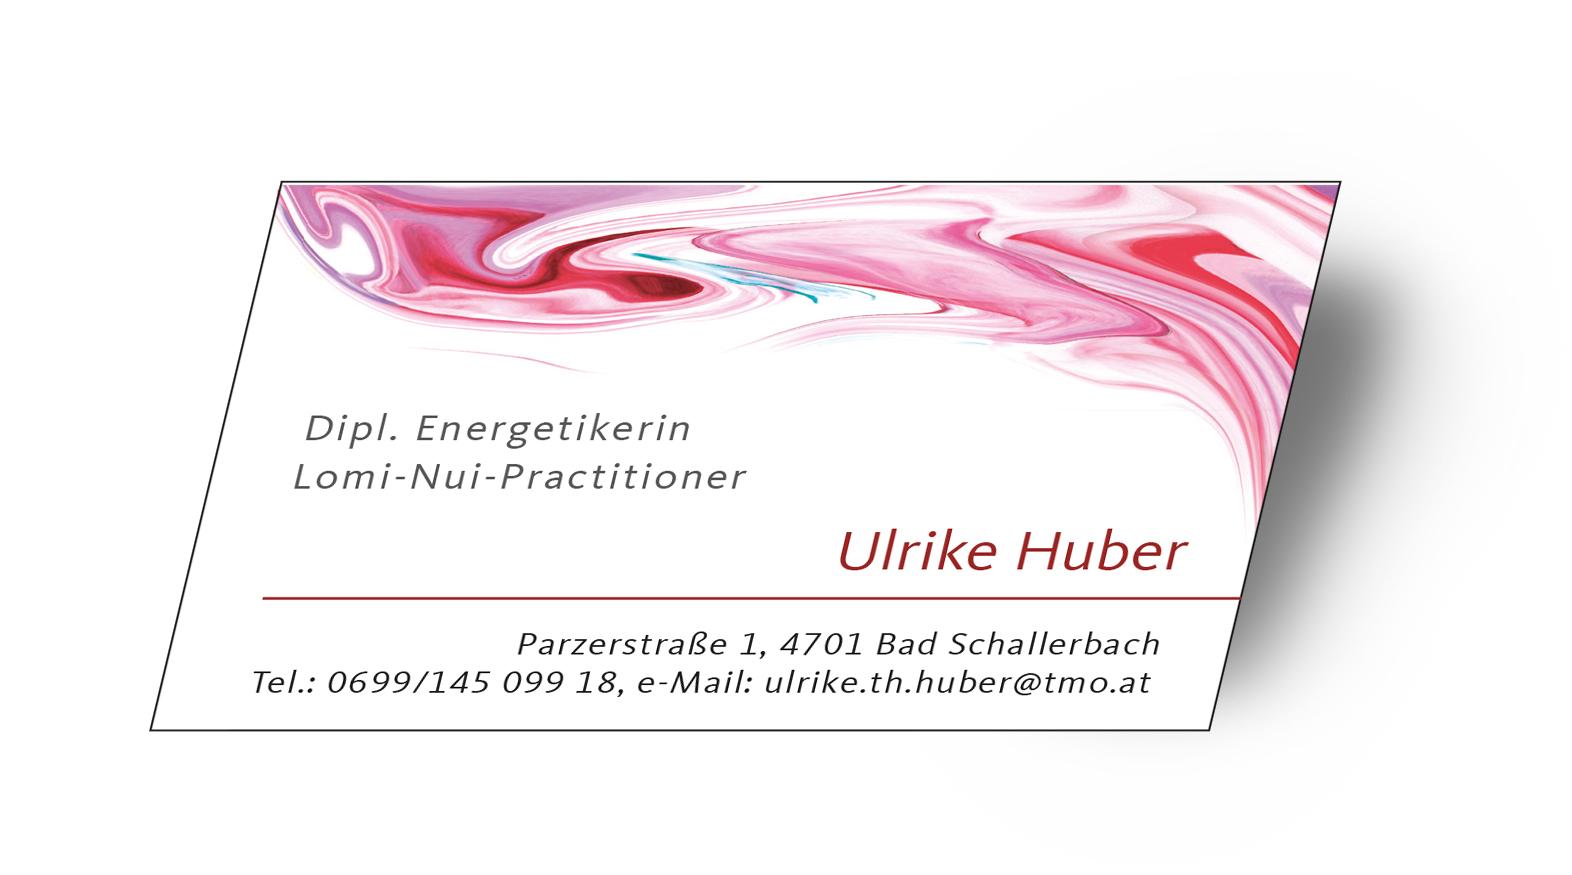 VK ... Ulrike ... Bad Schallerbach